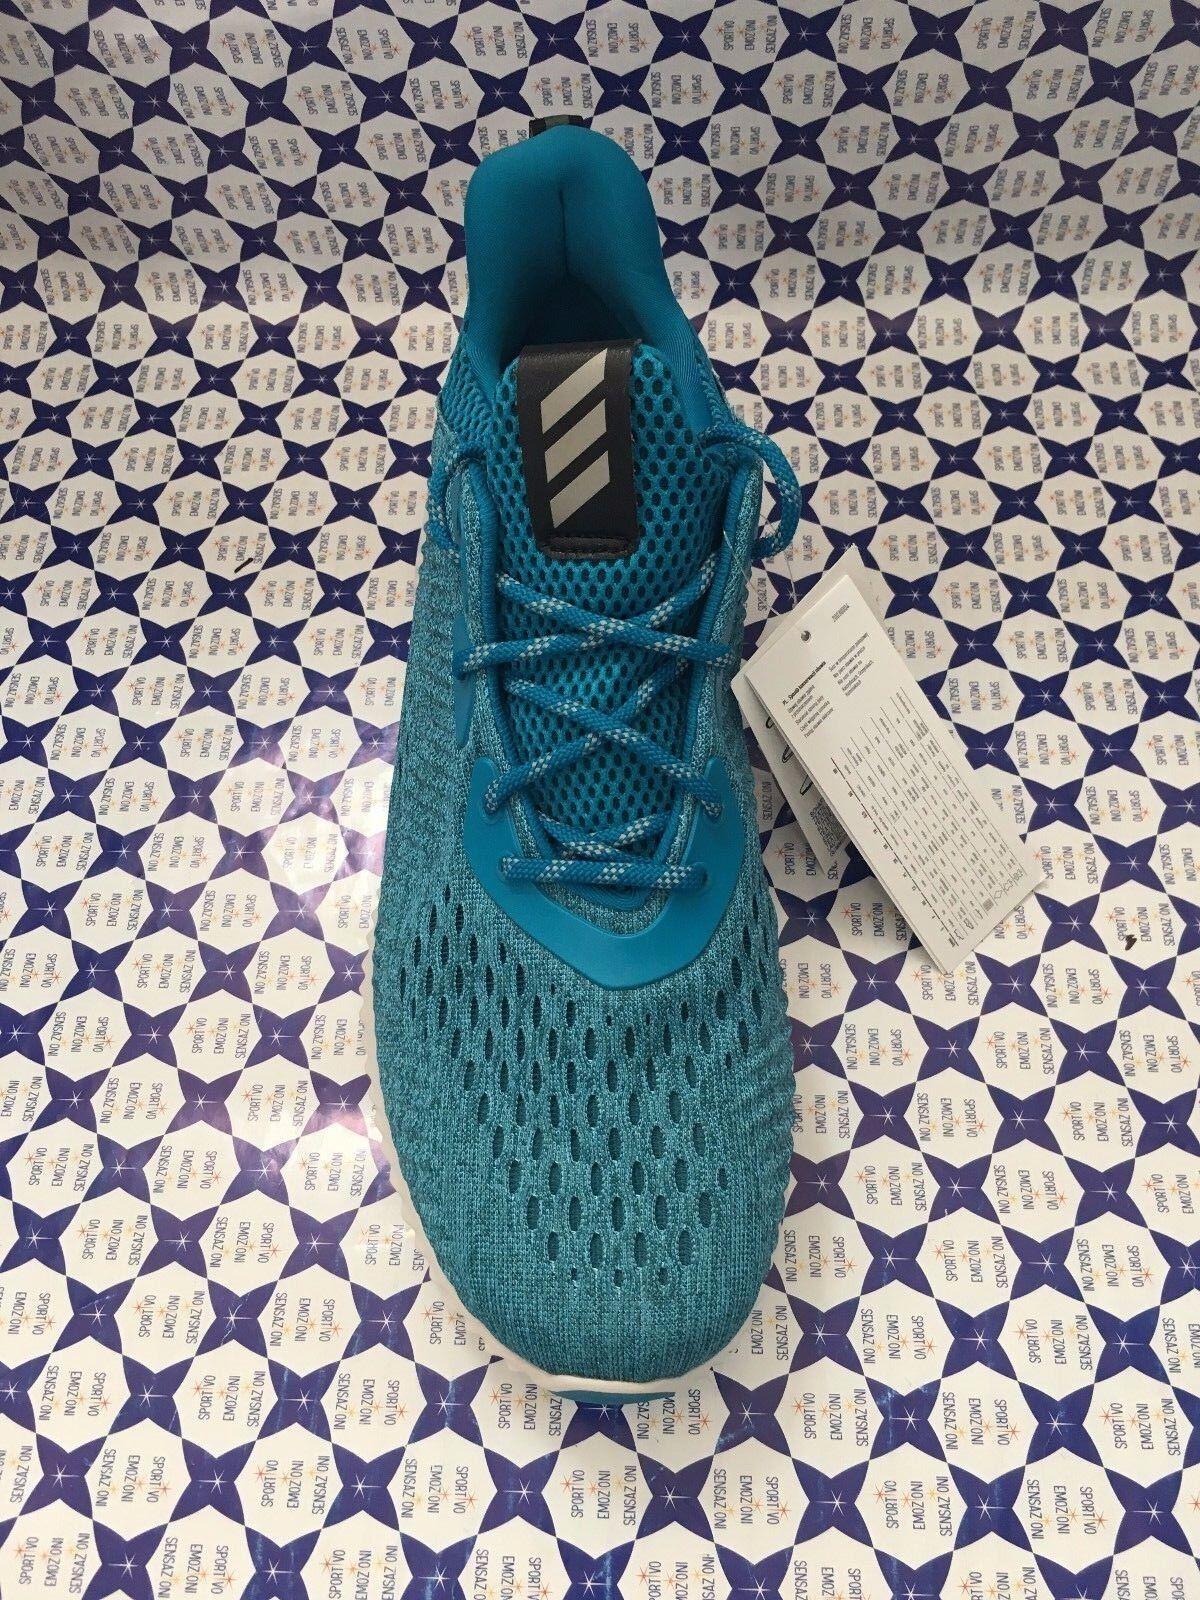 515b25044e0d8 ... chaussures Adidas ALPHABOUNCE EM Running Sneakers Running - Carta  zucchero - BY3846 0ee7d9 ...